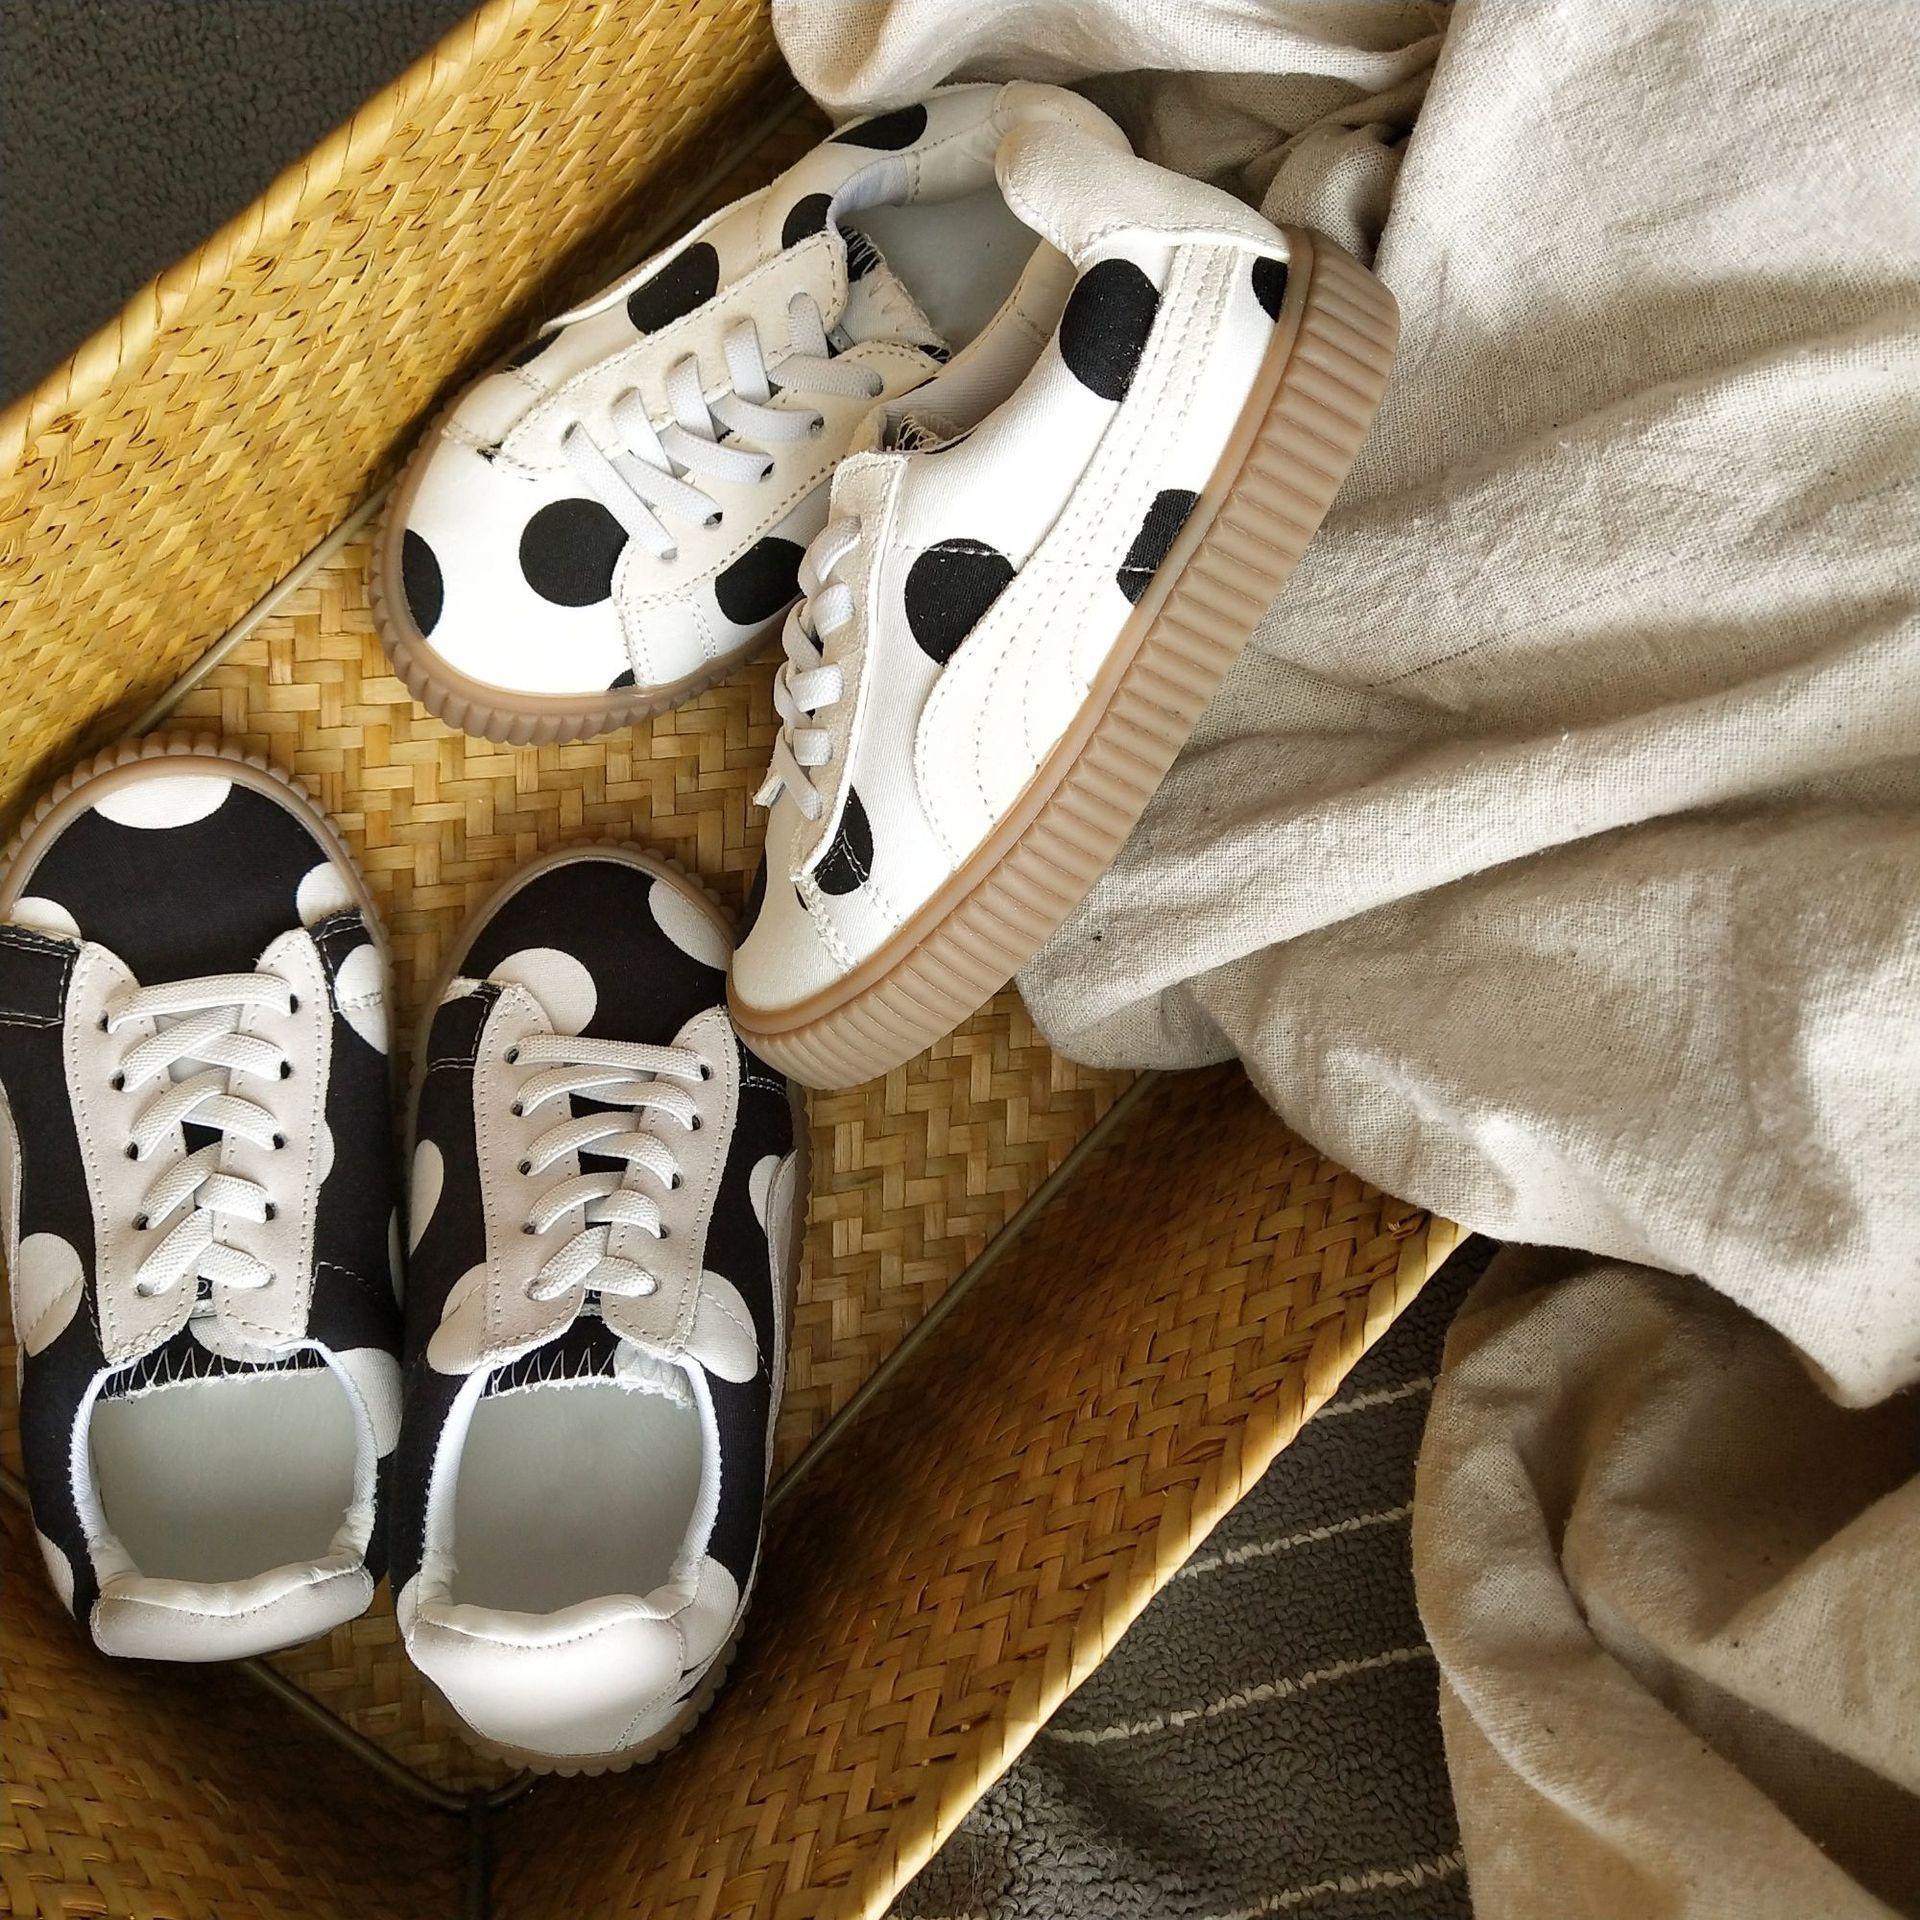 c0ad16284a80fb Acheter Enfants Chaussures Marque Pour Filles Garçons Enfants Maille  Baskets Plat Bébé Respirant Sport Doux Casual Chaussures Fille De Mode  Toile 2019 ...